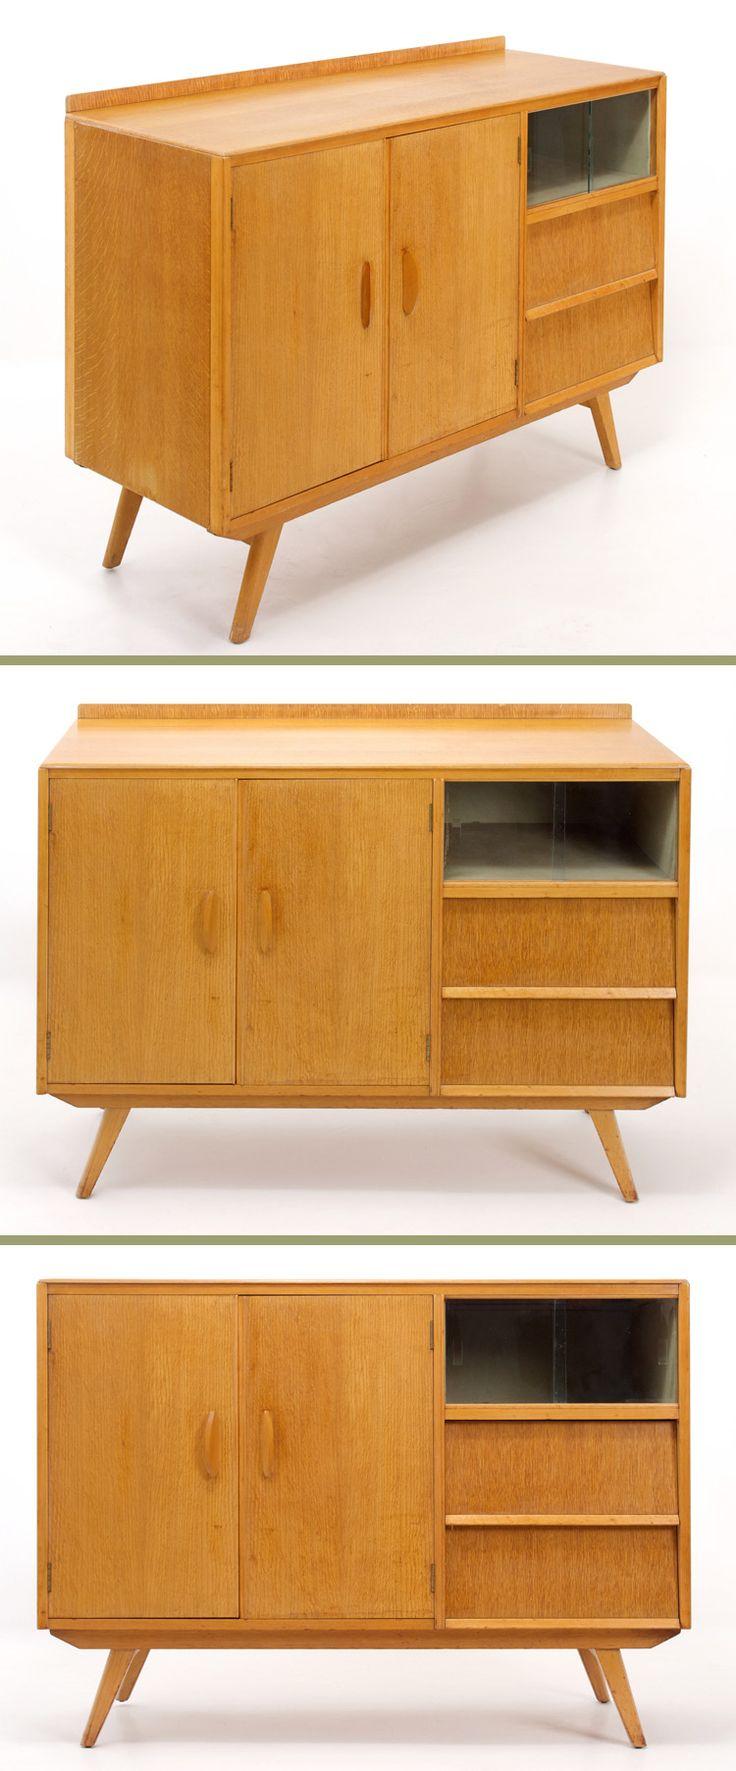 M s de 1000 ideas sobre decoraci n de los a os 50 en - Muebles anos 50 ...